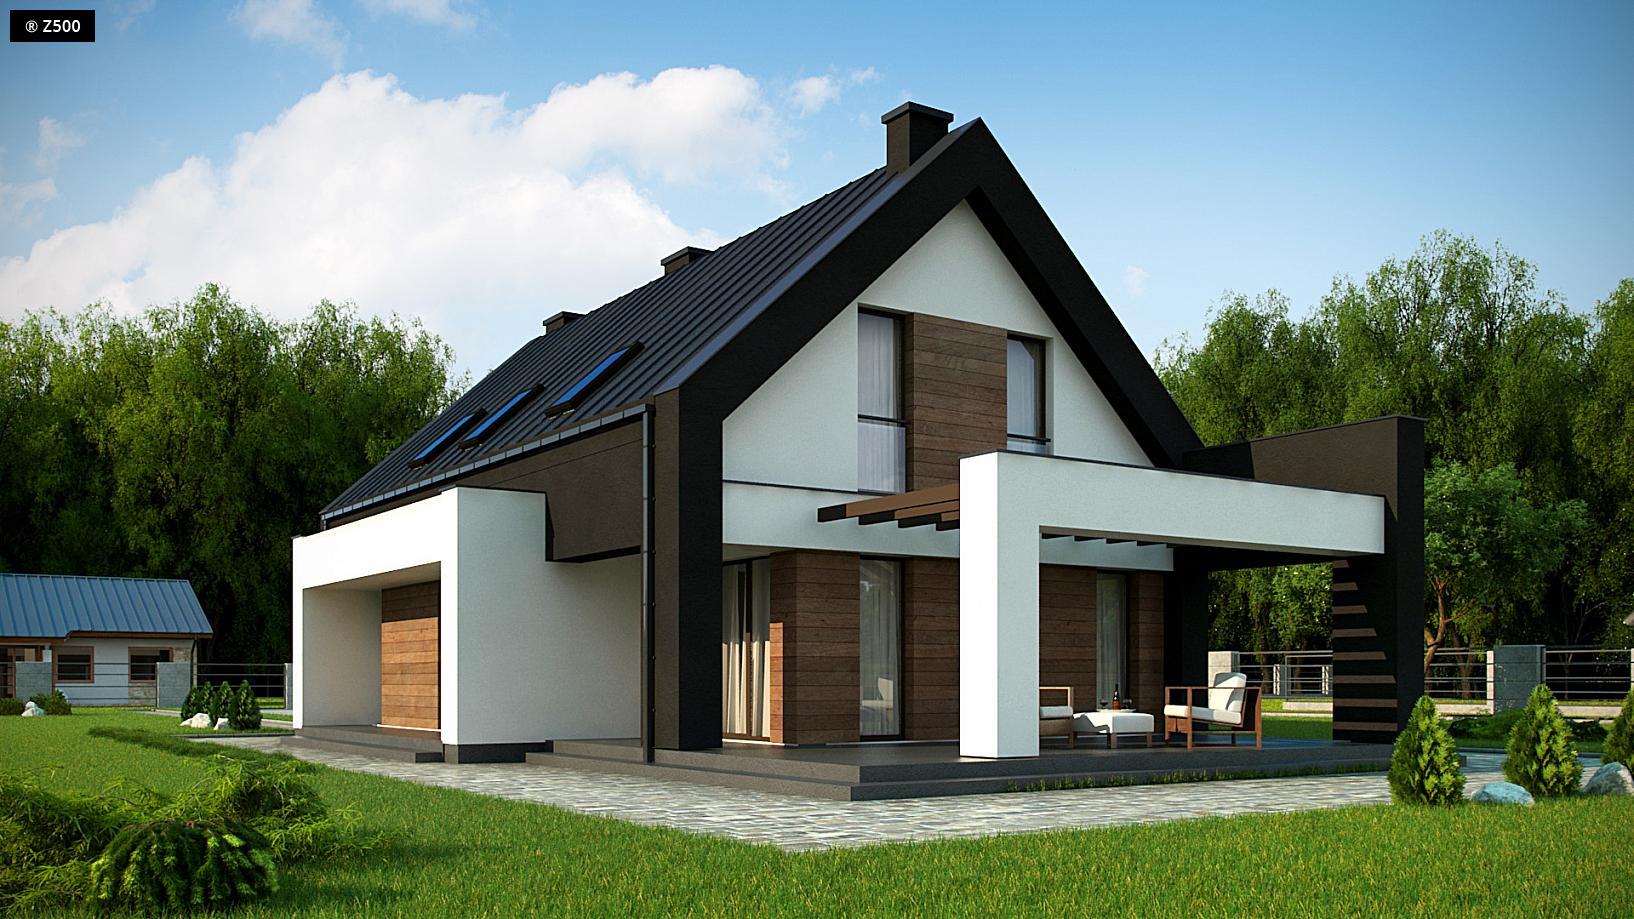 Proyectosdecasas dise amos y construimos casas en toda for Los mejores techos de casas